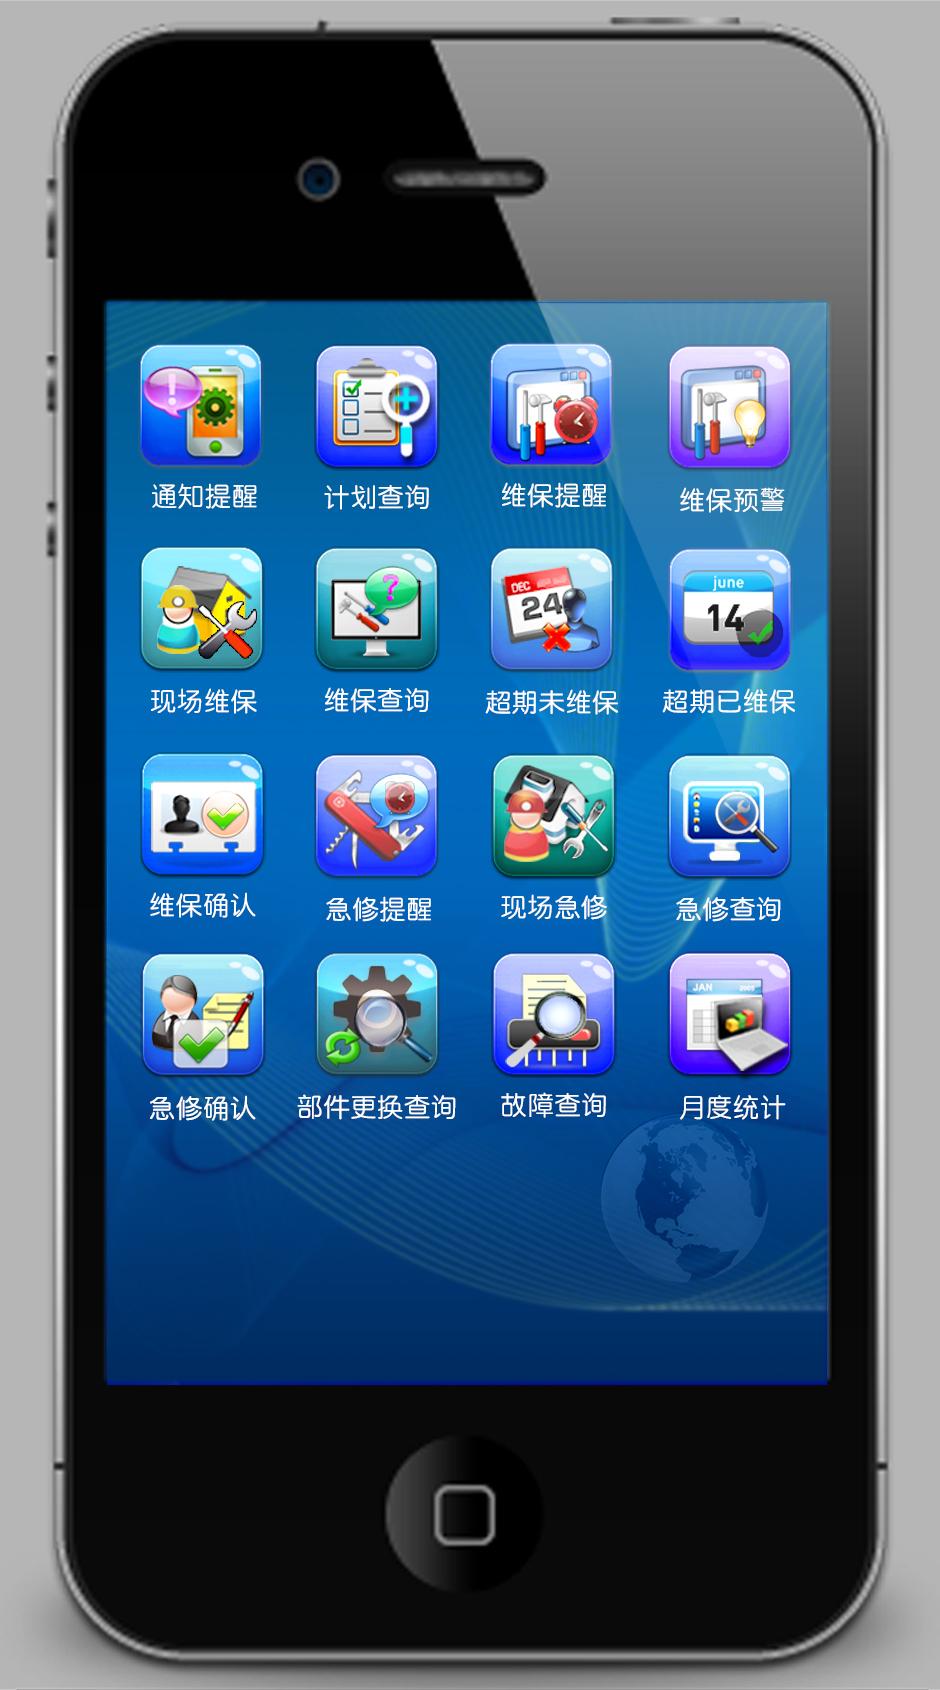 手机软件界面